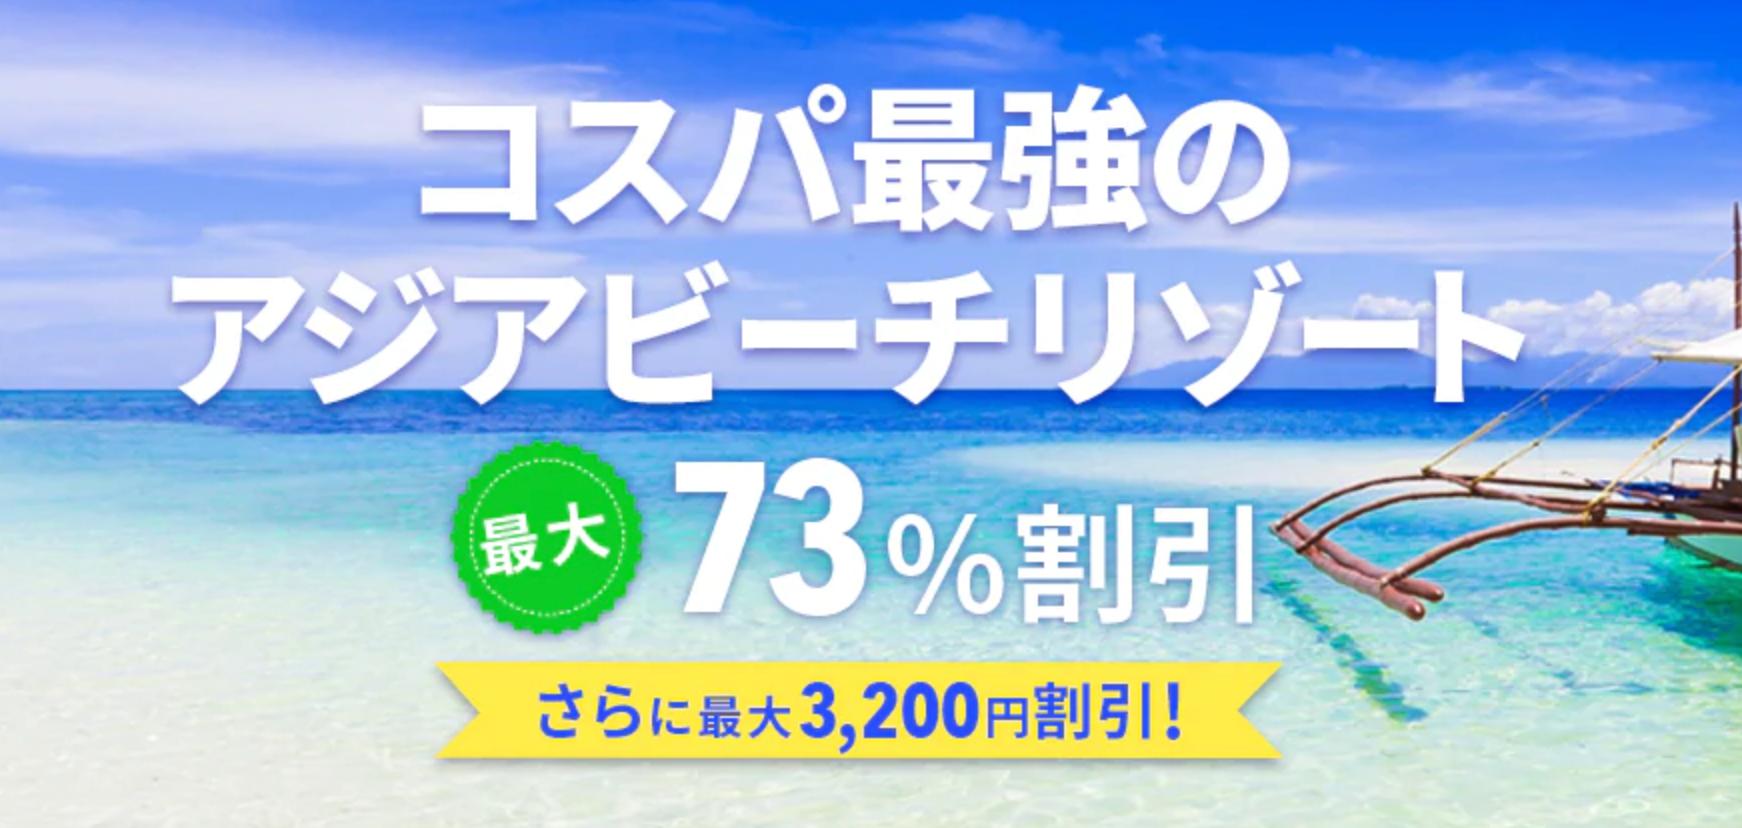 国内・海外リゾートホテル予約が73%割引セール&最大3,200円割引クーポン